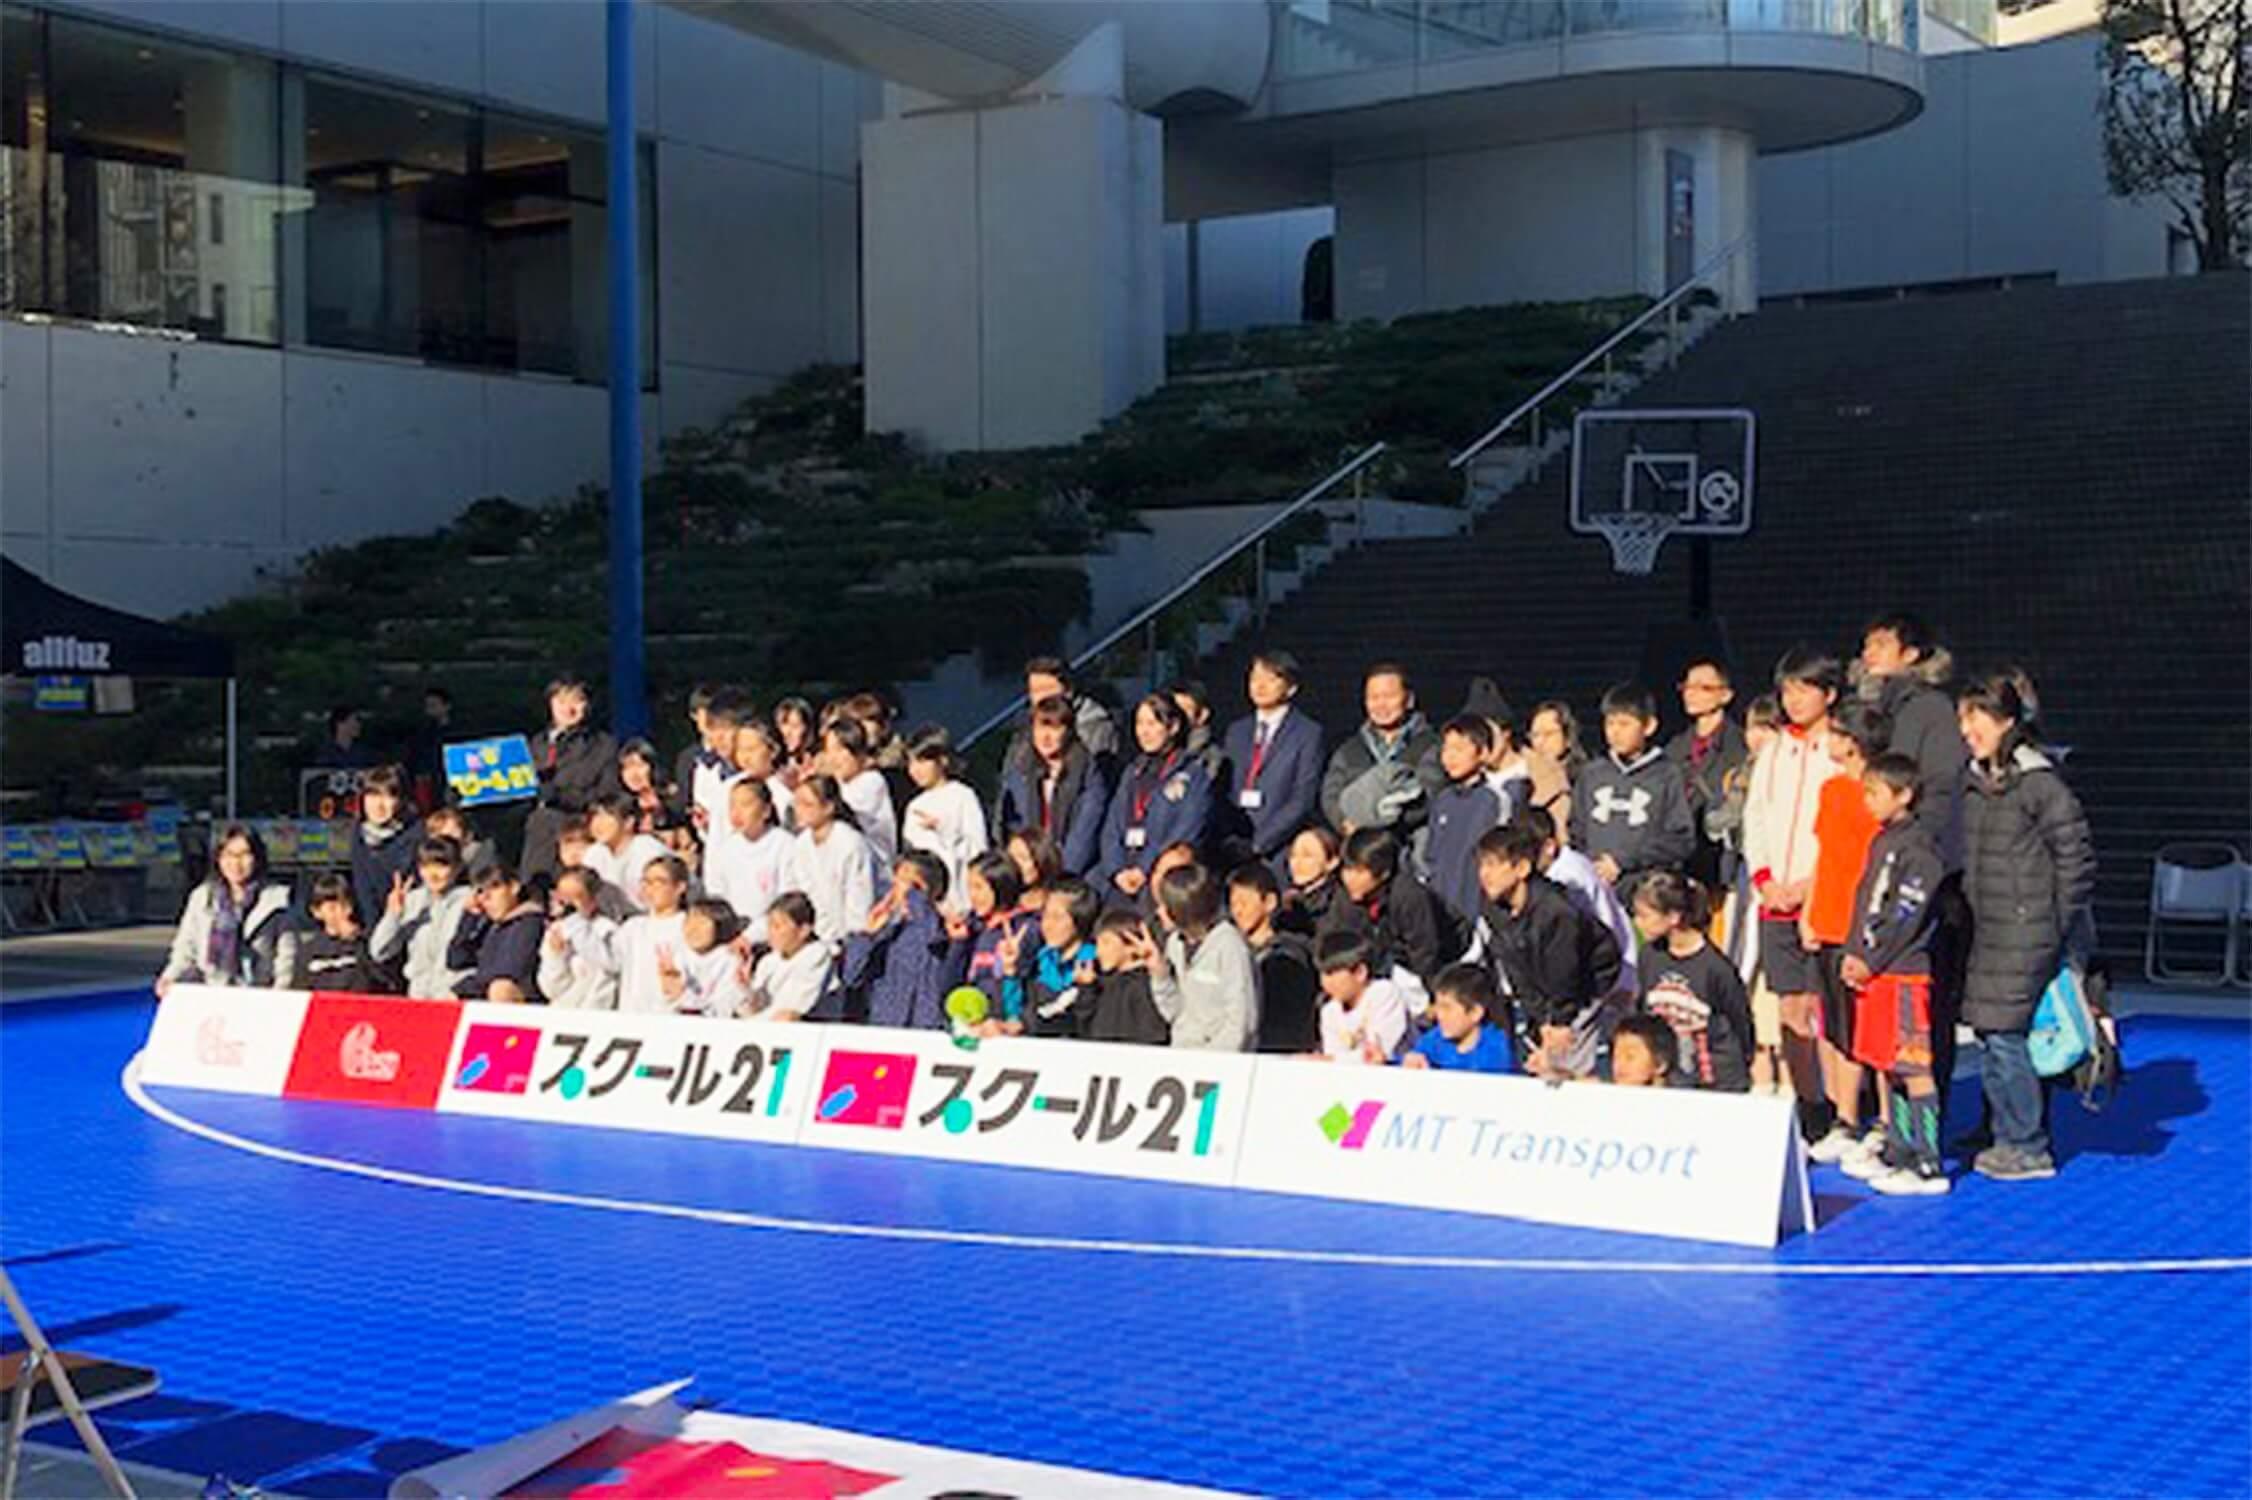 キャリアチャレンジ キッズスポーツ 3X3 バスケットボール決勝大会